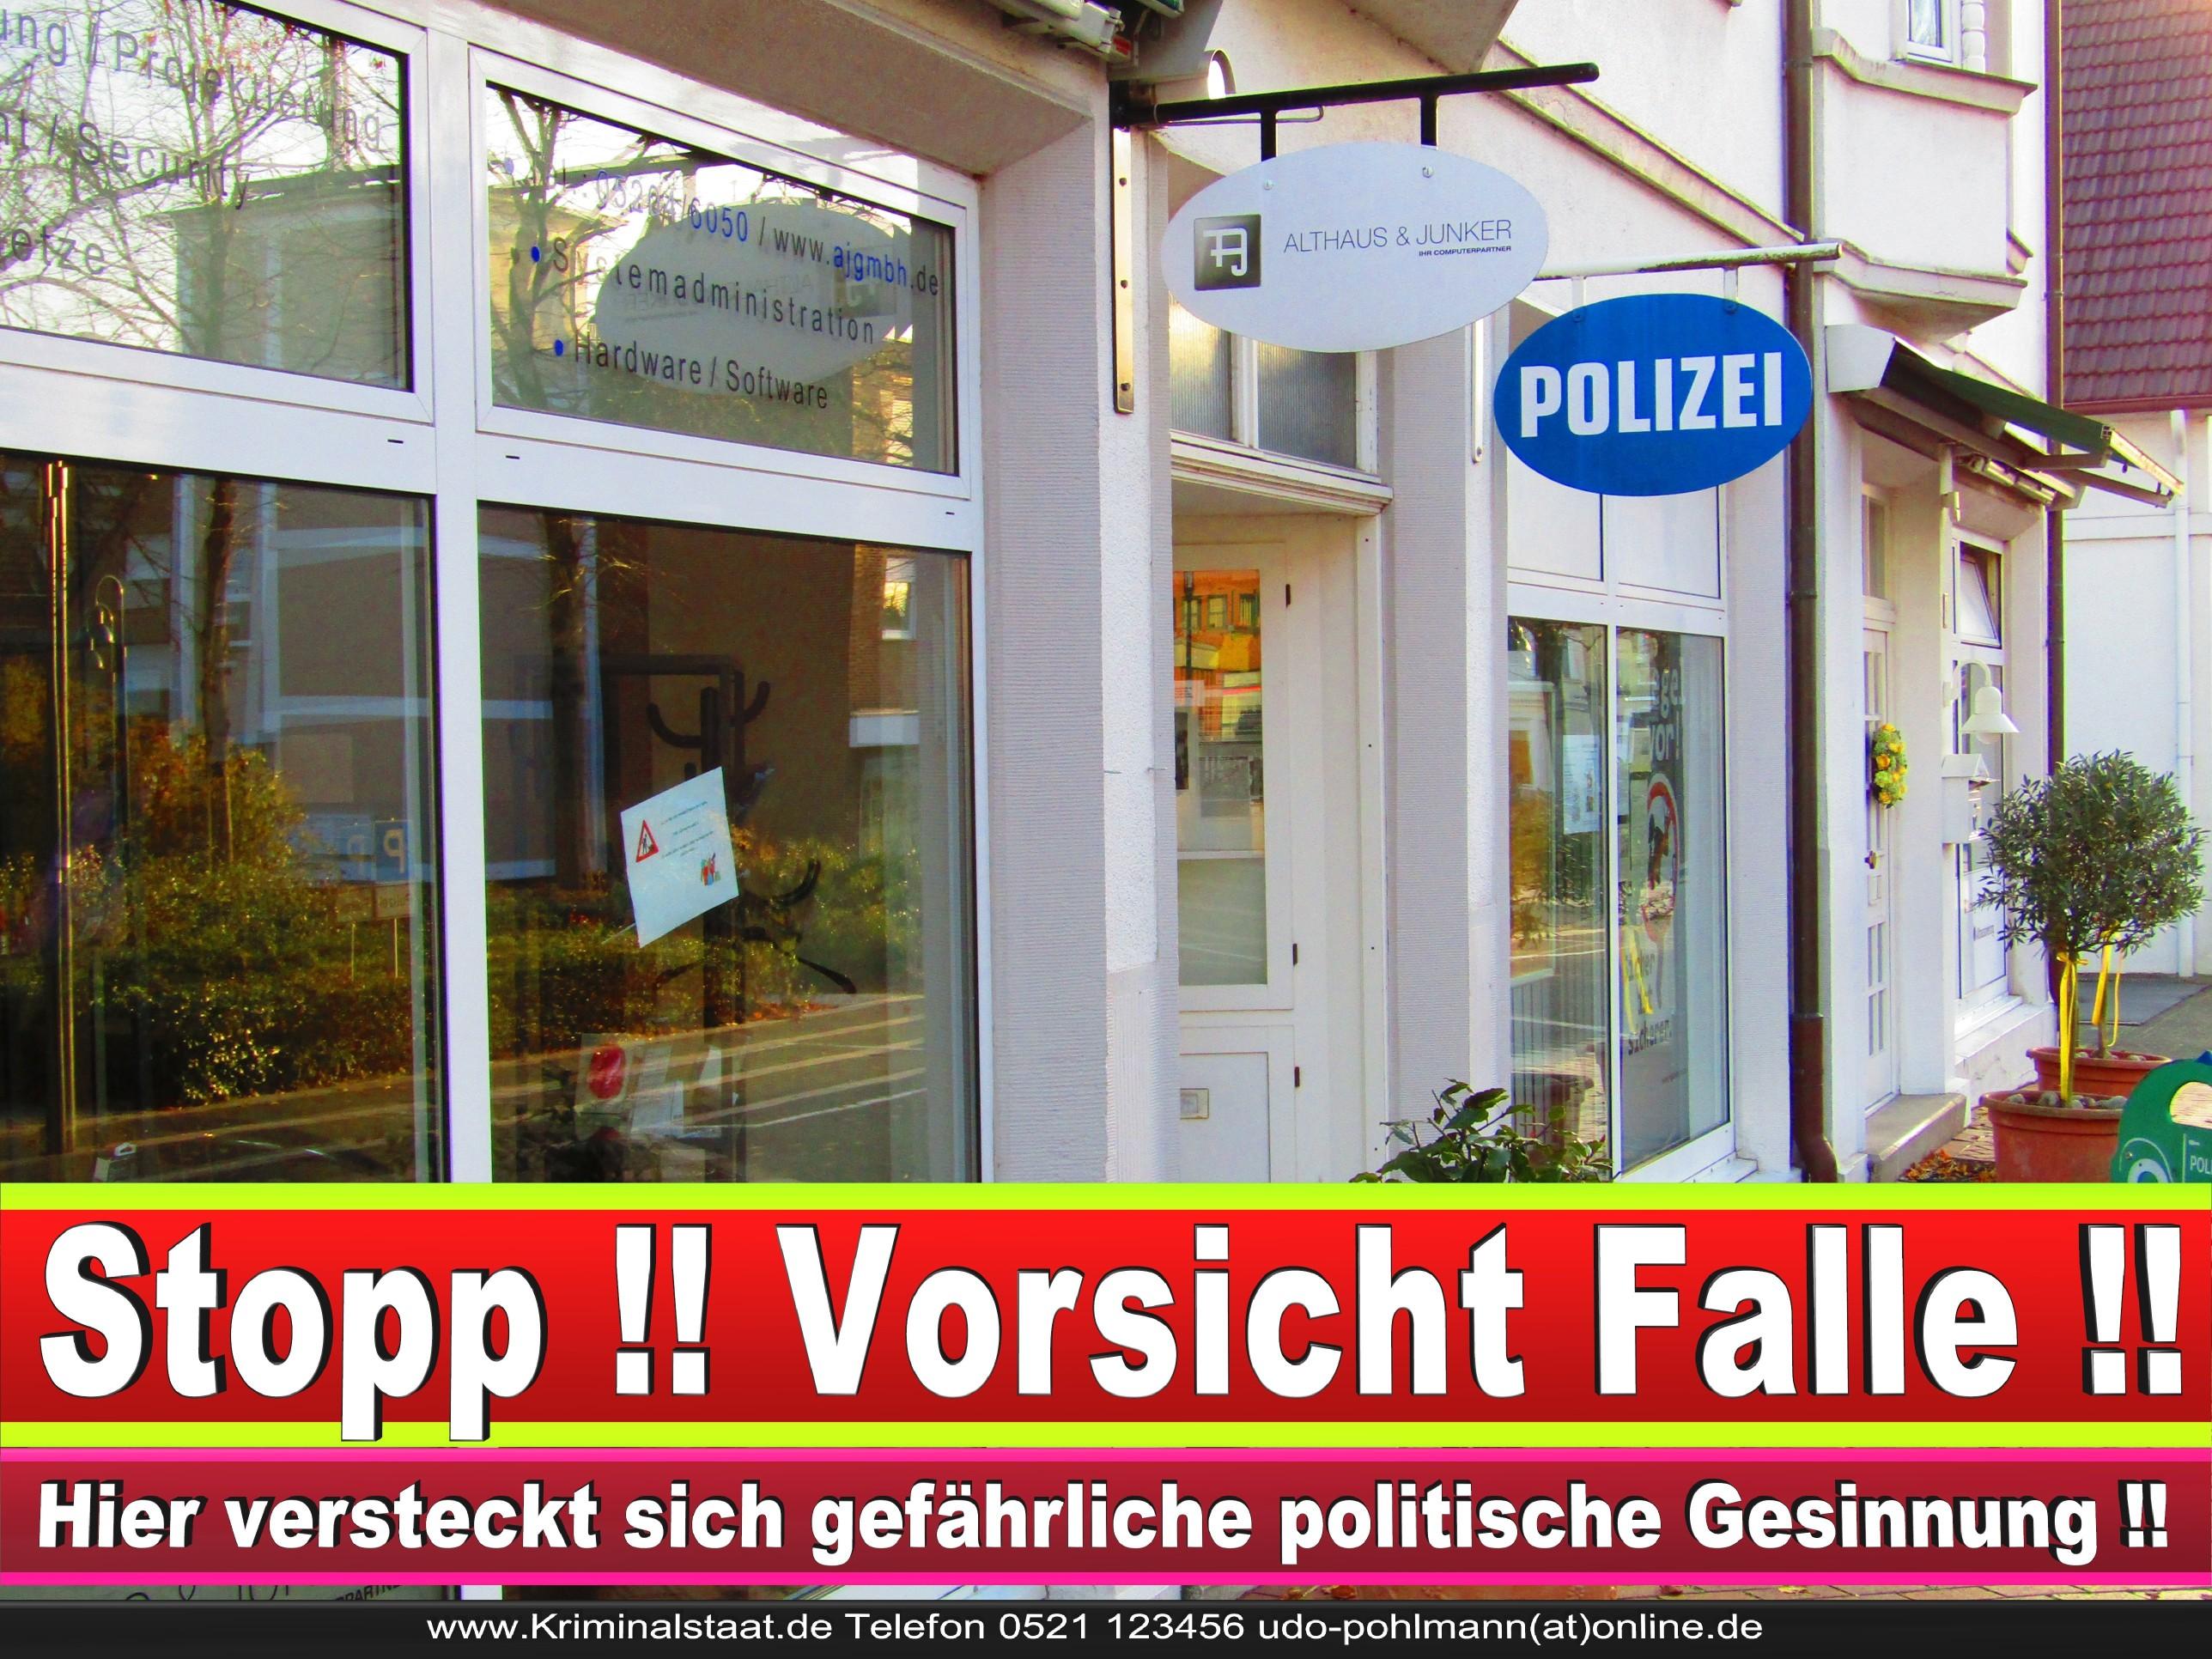 Polizei Steinhagen CDU SPD FDP Ortsverband CDU Bürgerbüro CDU SPD Korruption Polizei Bürgermeister Karte Telefonbuch NRW OWL (3)